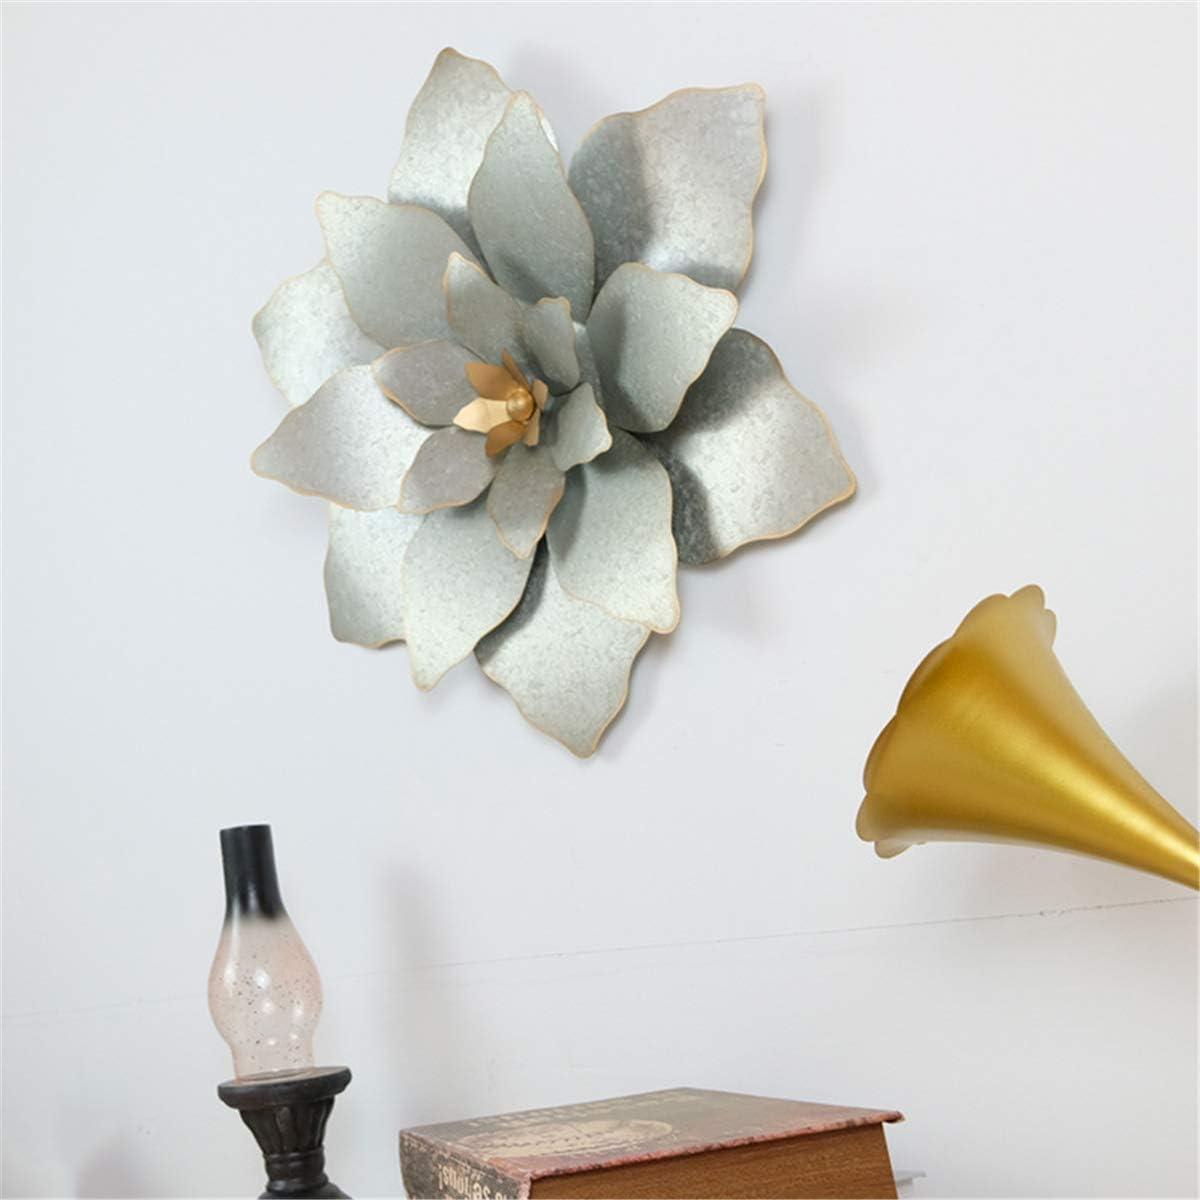 3D flower wall decorations Awesome Art Work Metal Wall Sculpture Art Wall Hanging D/écor,29cm Contemporary Metal Wall Art Decor Sculpture